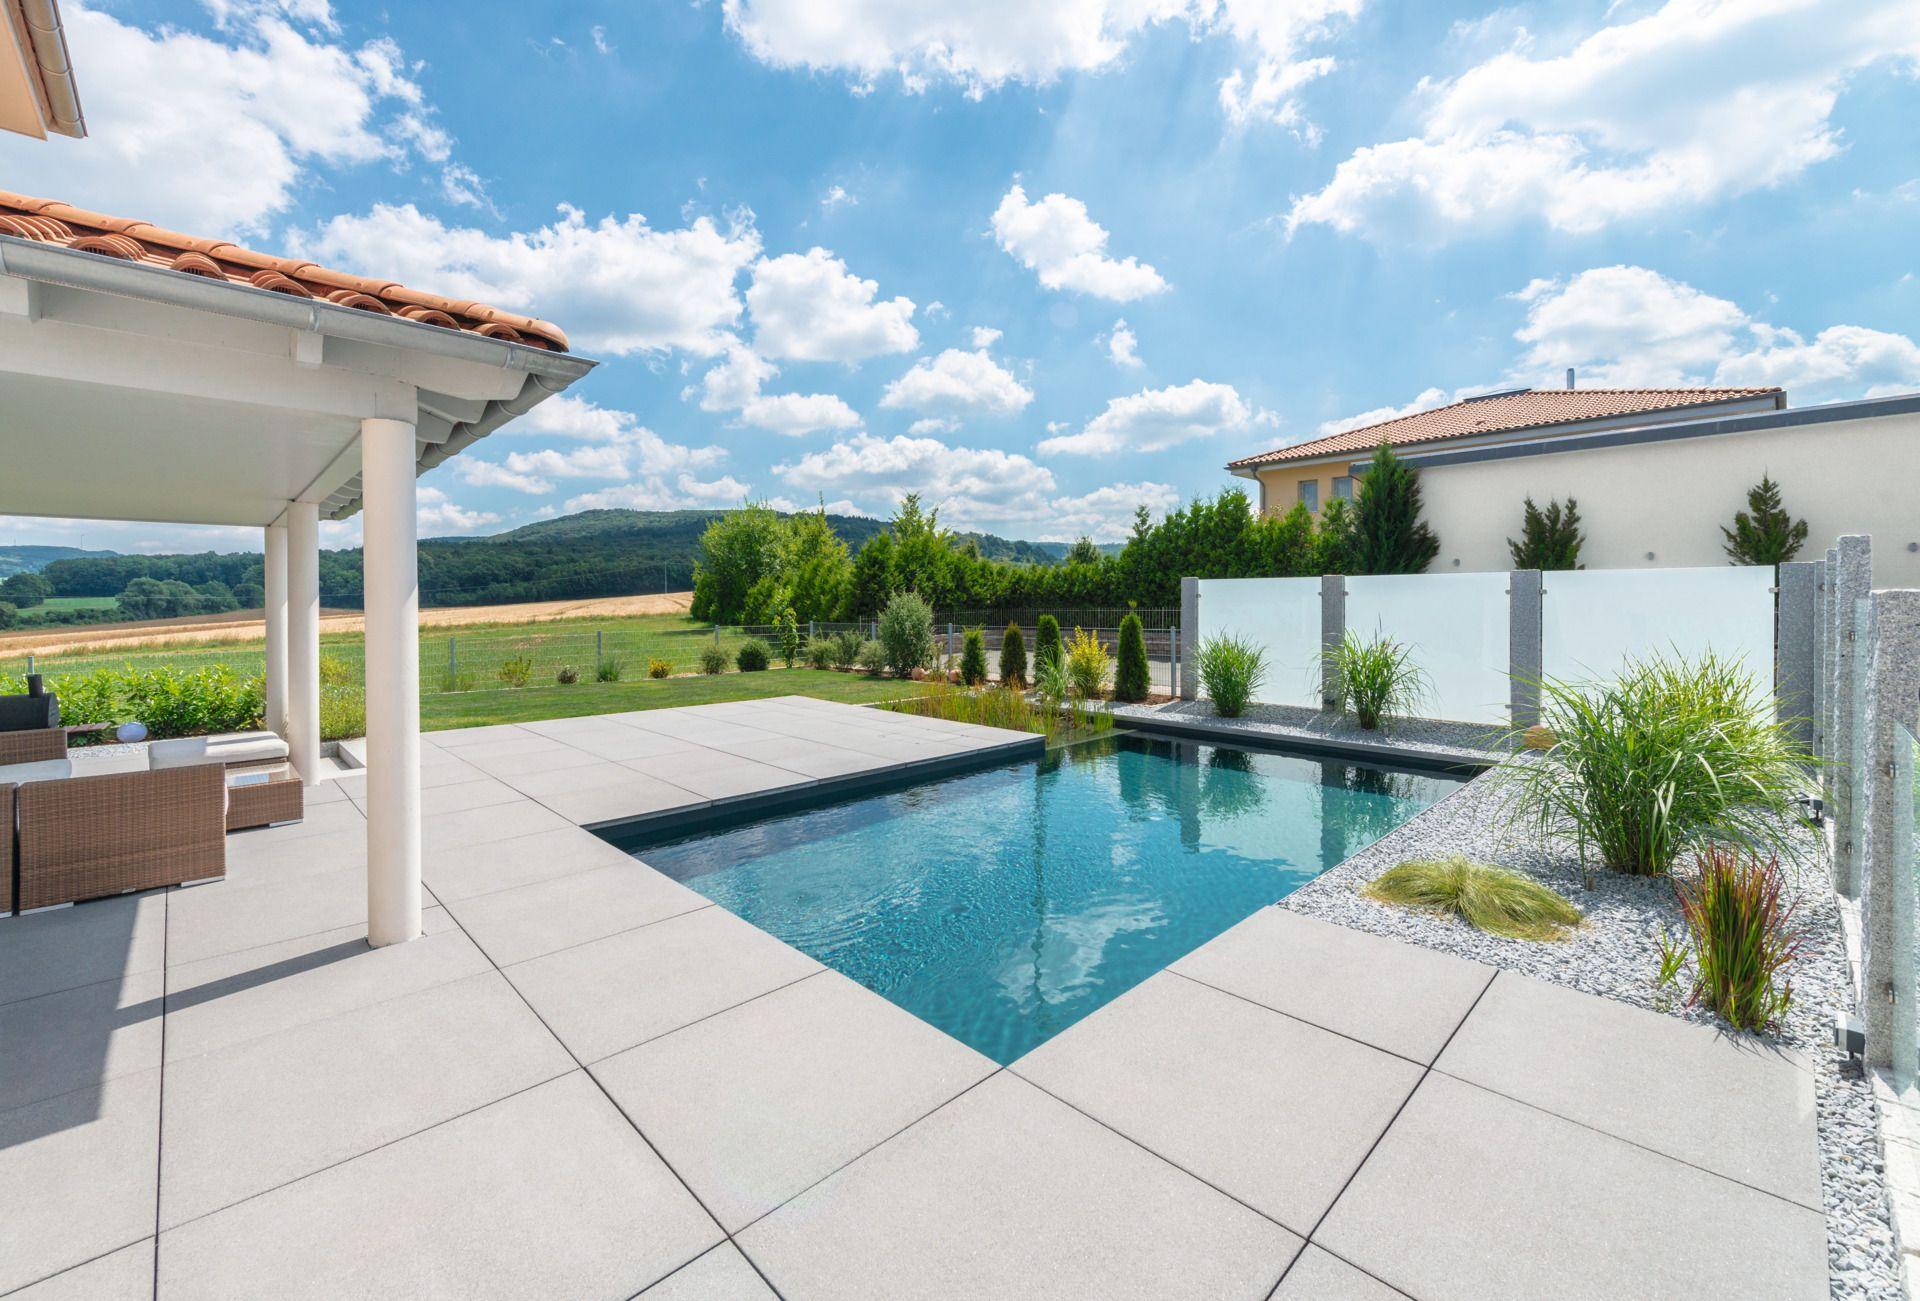 Helle Terrassenplatten Für Eine Ansprechende Poolgestaltung Im Eigenen  Garten